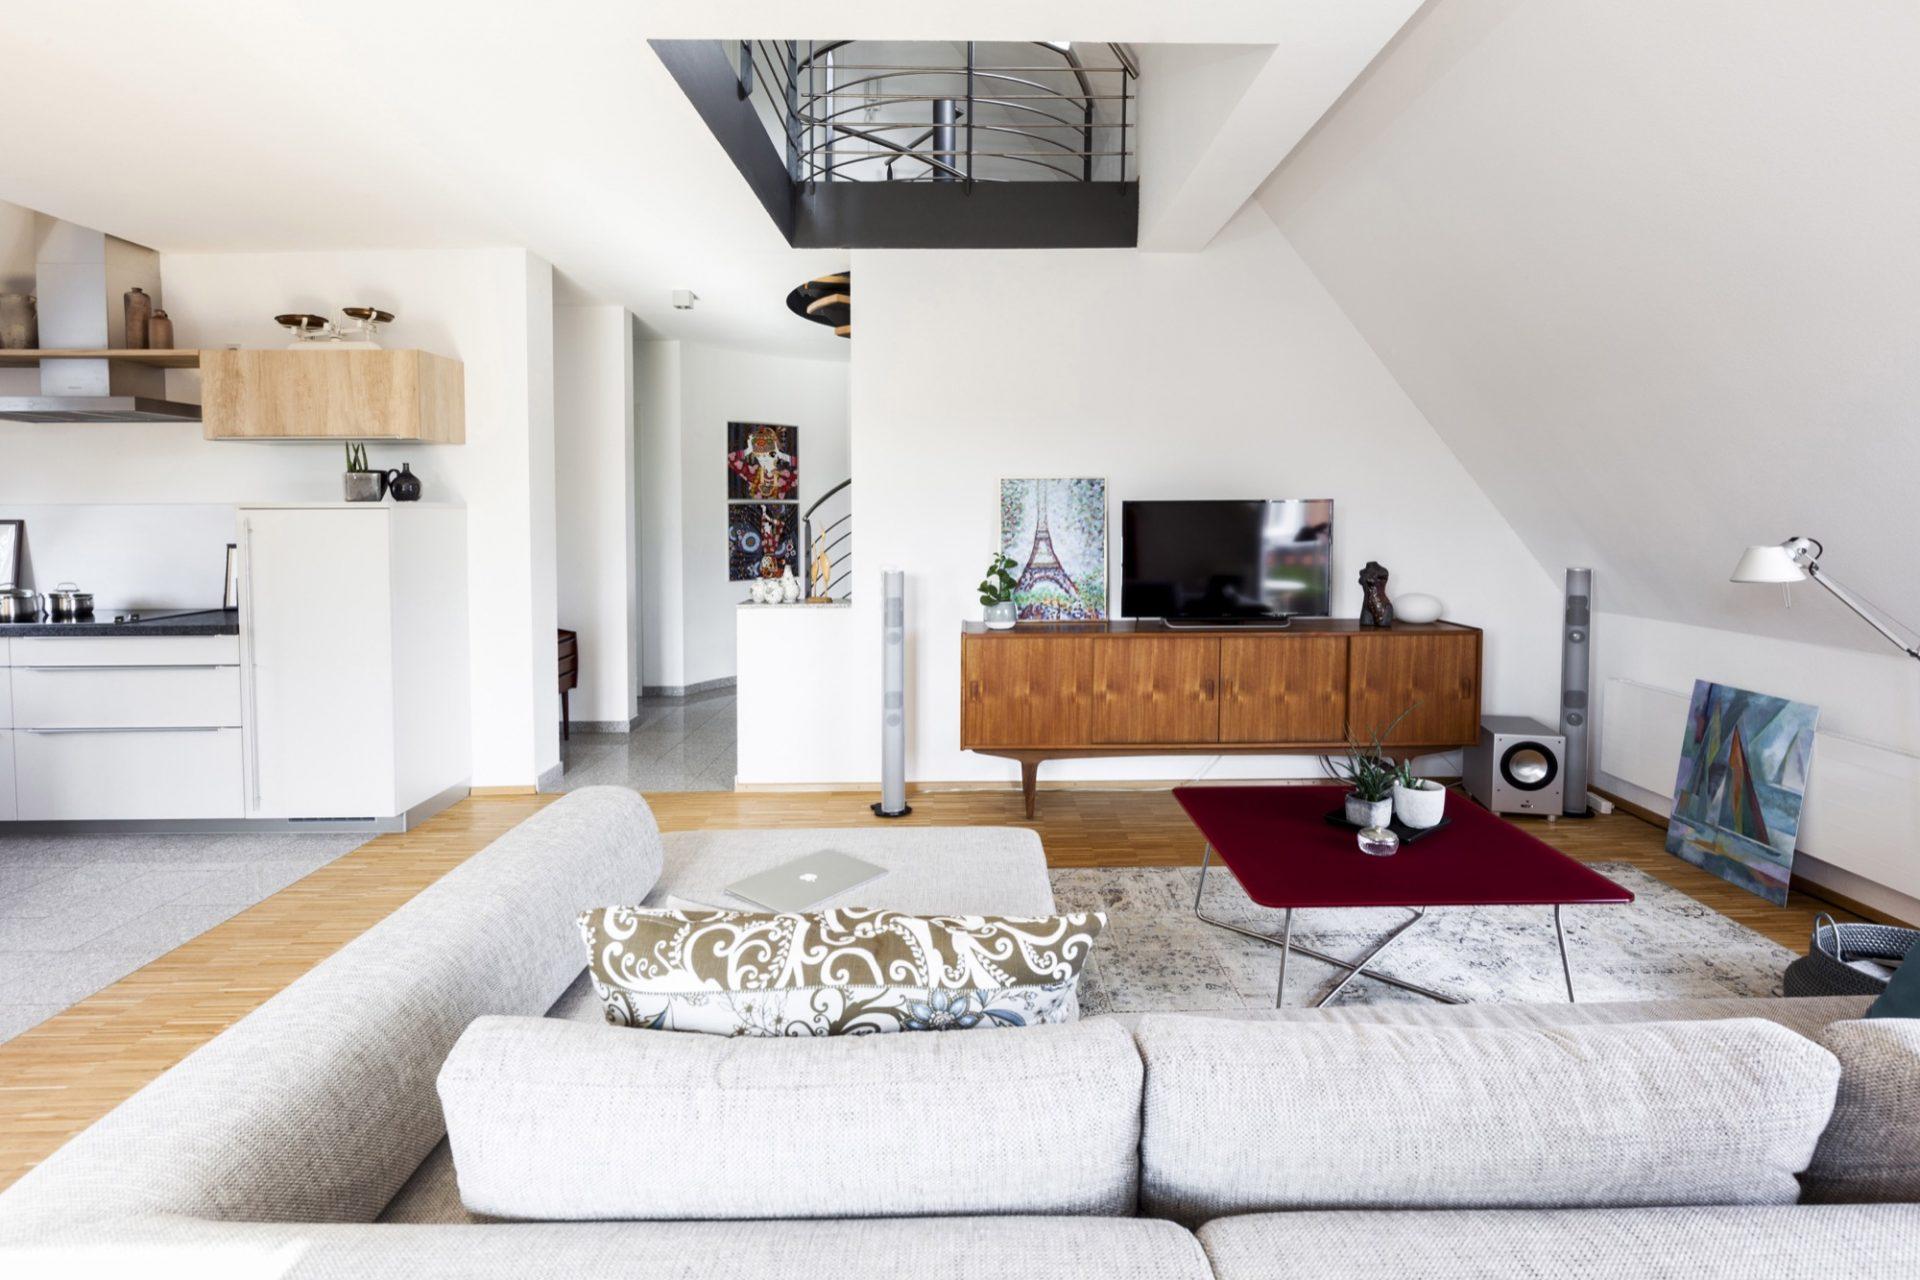 Immobilienfotografie in Heidelberg Inszenierung von Luxusimmobilien